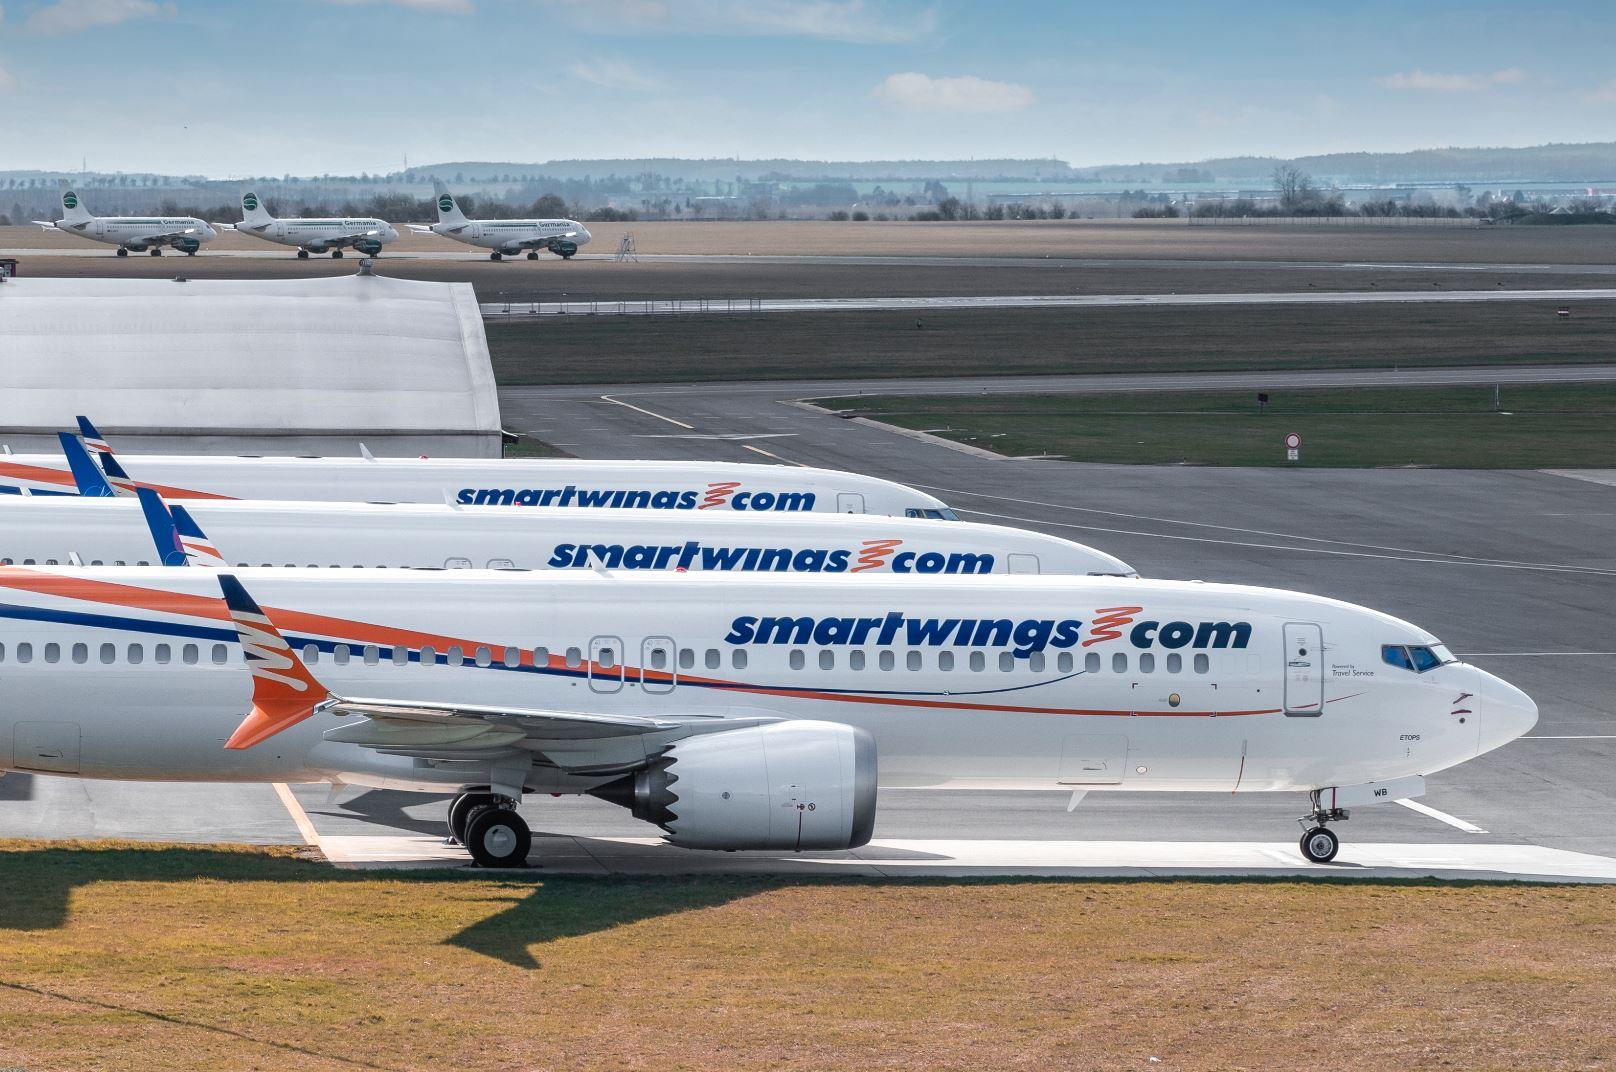 Největší české letecké společnosti kvůli uzemněným boeingům přibývají problémy. Foto: Shutterstock